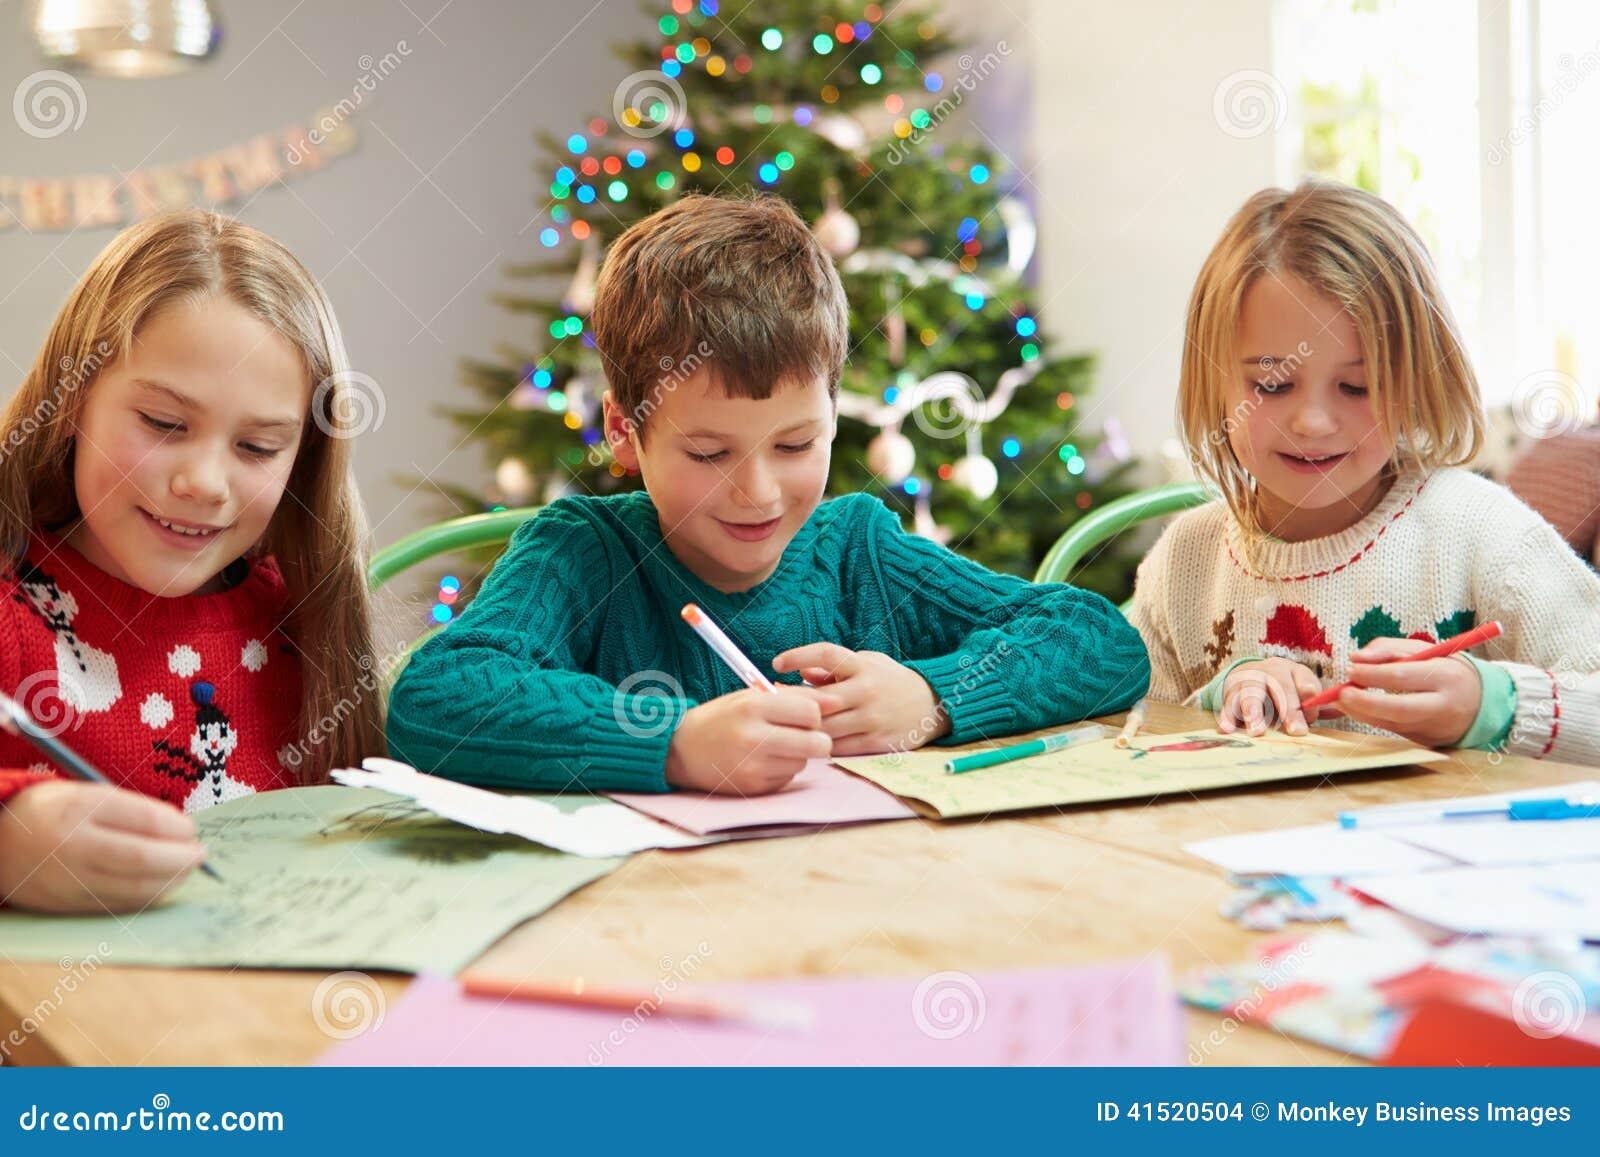 Kinderbriefe Schreiben : Drei kinder die santa together briefe schreiben stockfoto